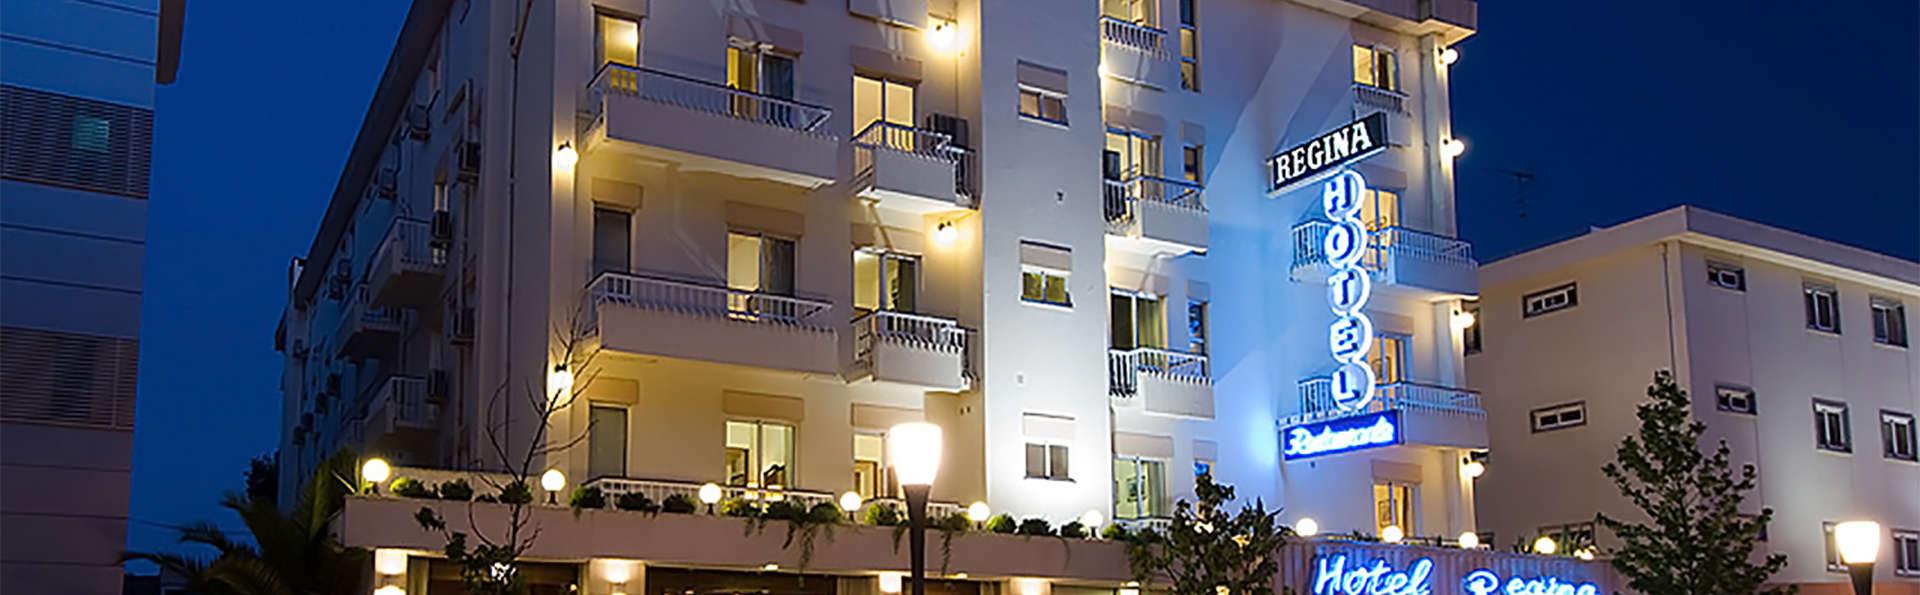 Hotel Regina - EDIT_front.jpg